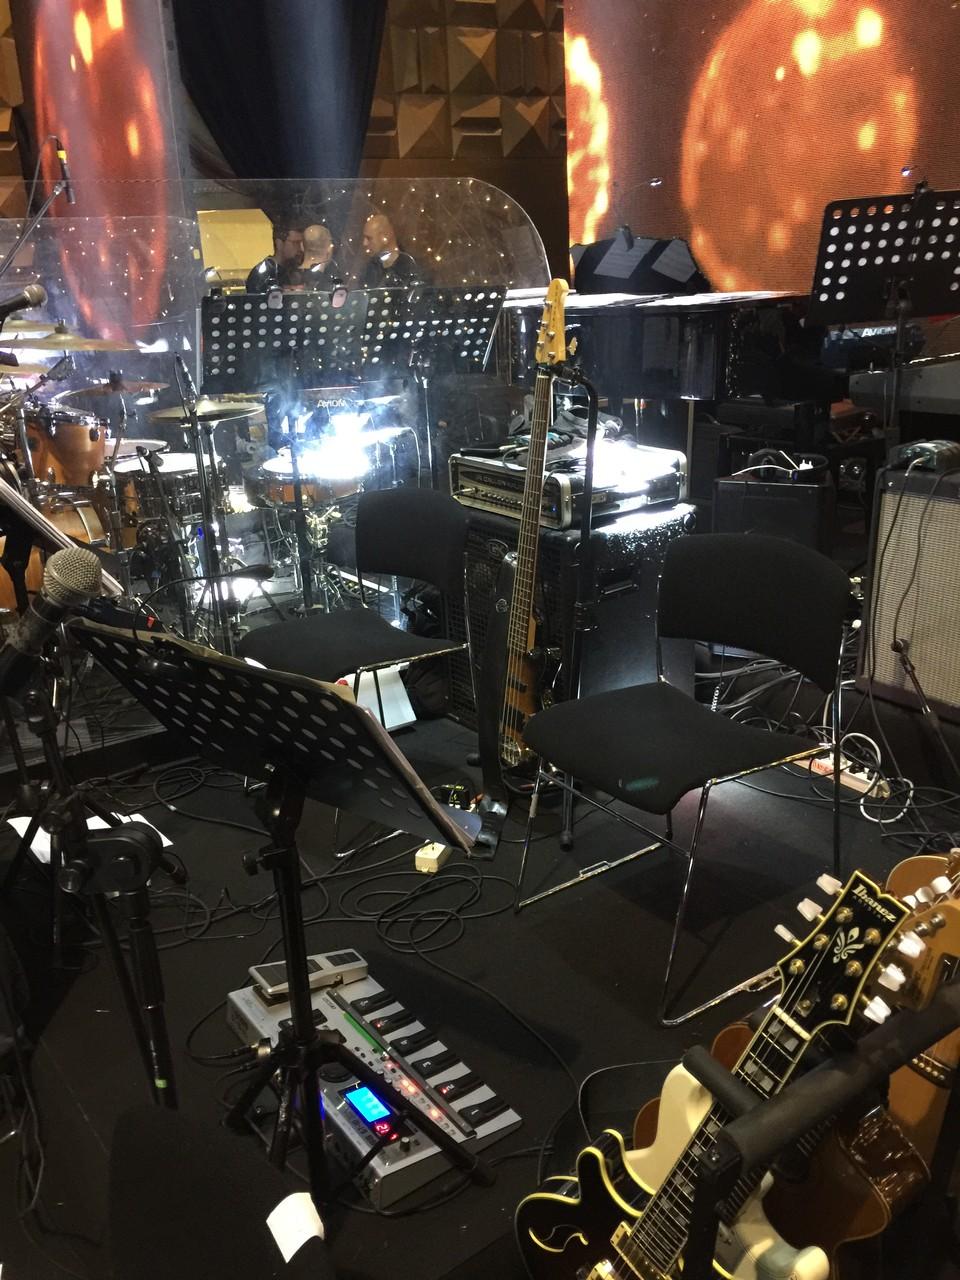 Concerto di Natale 2015 (Canale 5) la mia postazione